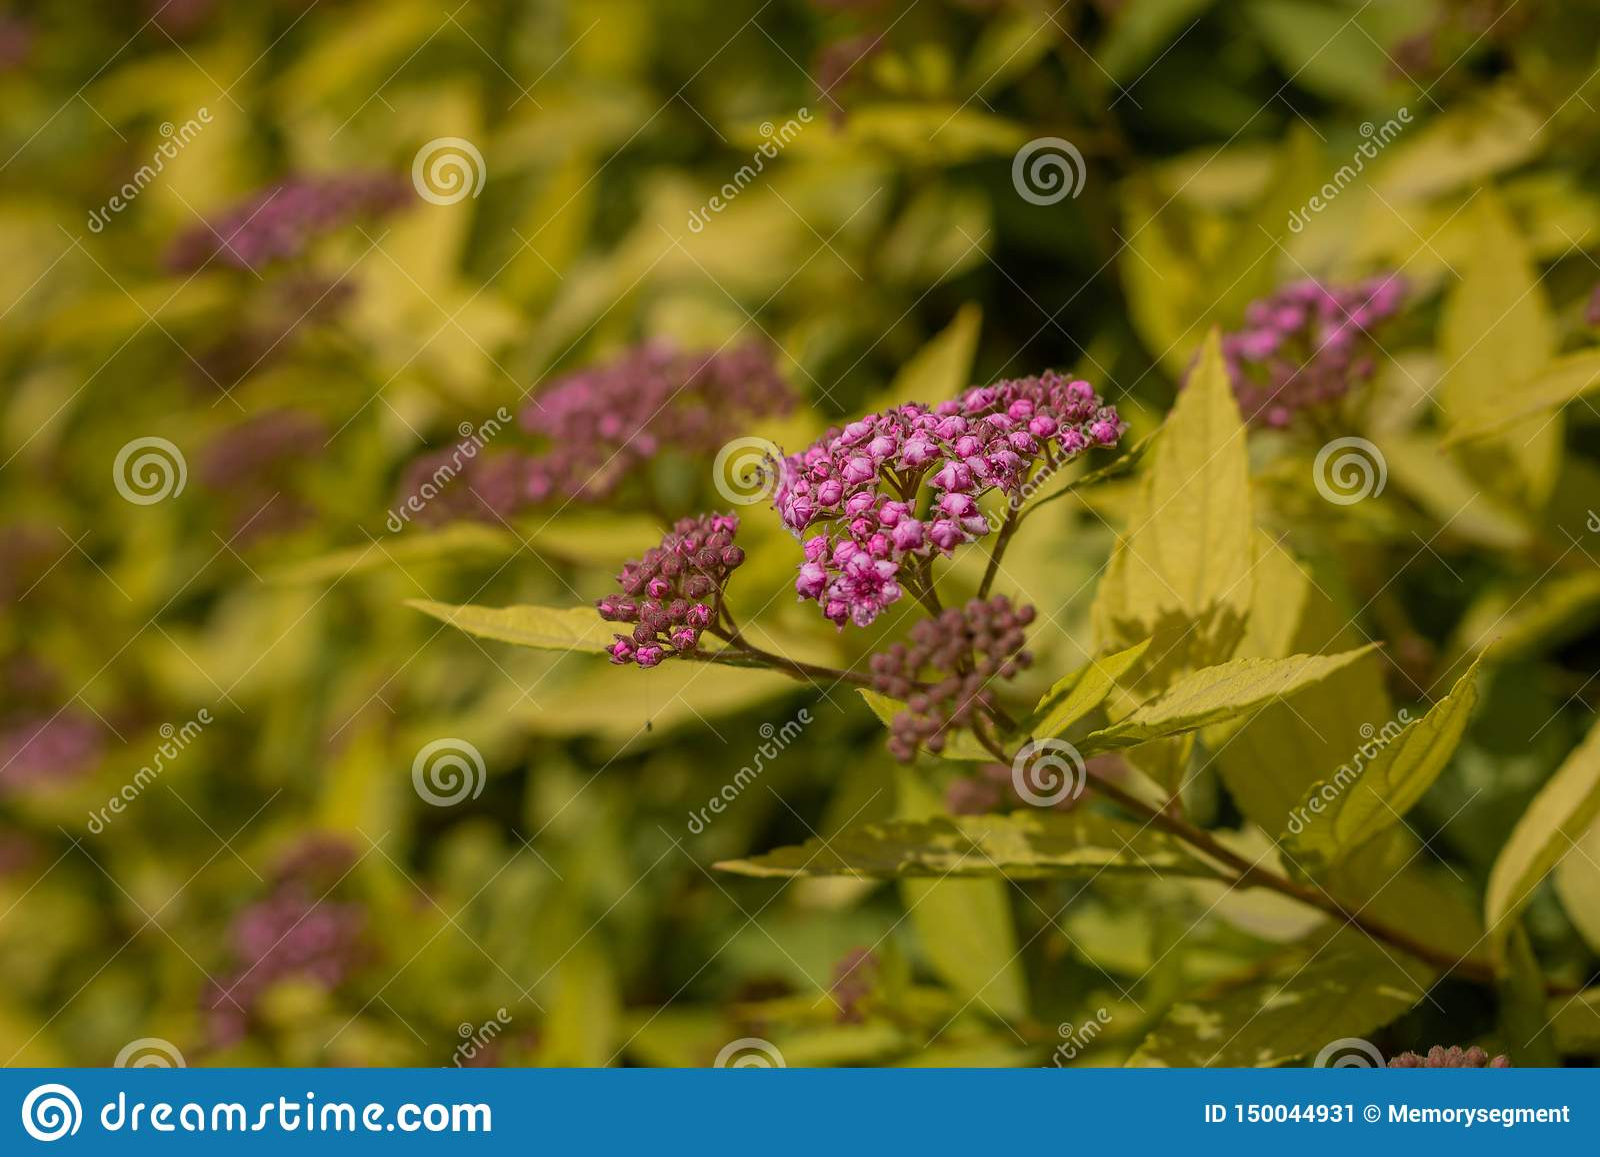 Piękna purpura kwitnie na tle żółty ulistnienie zbli?enie